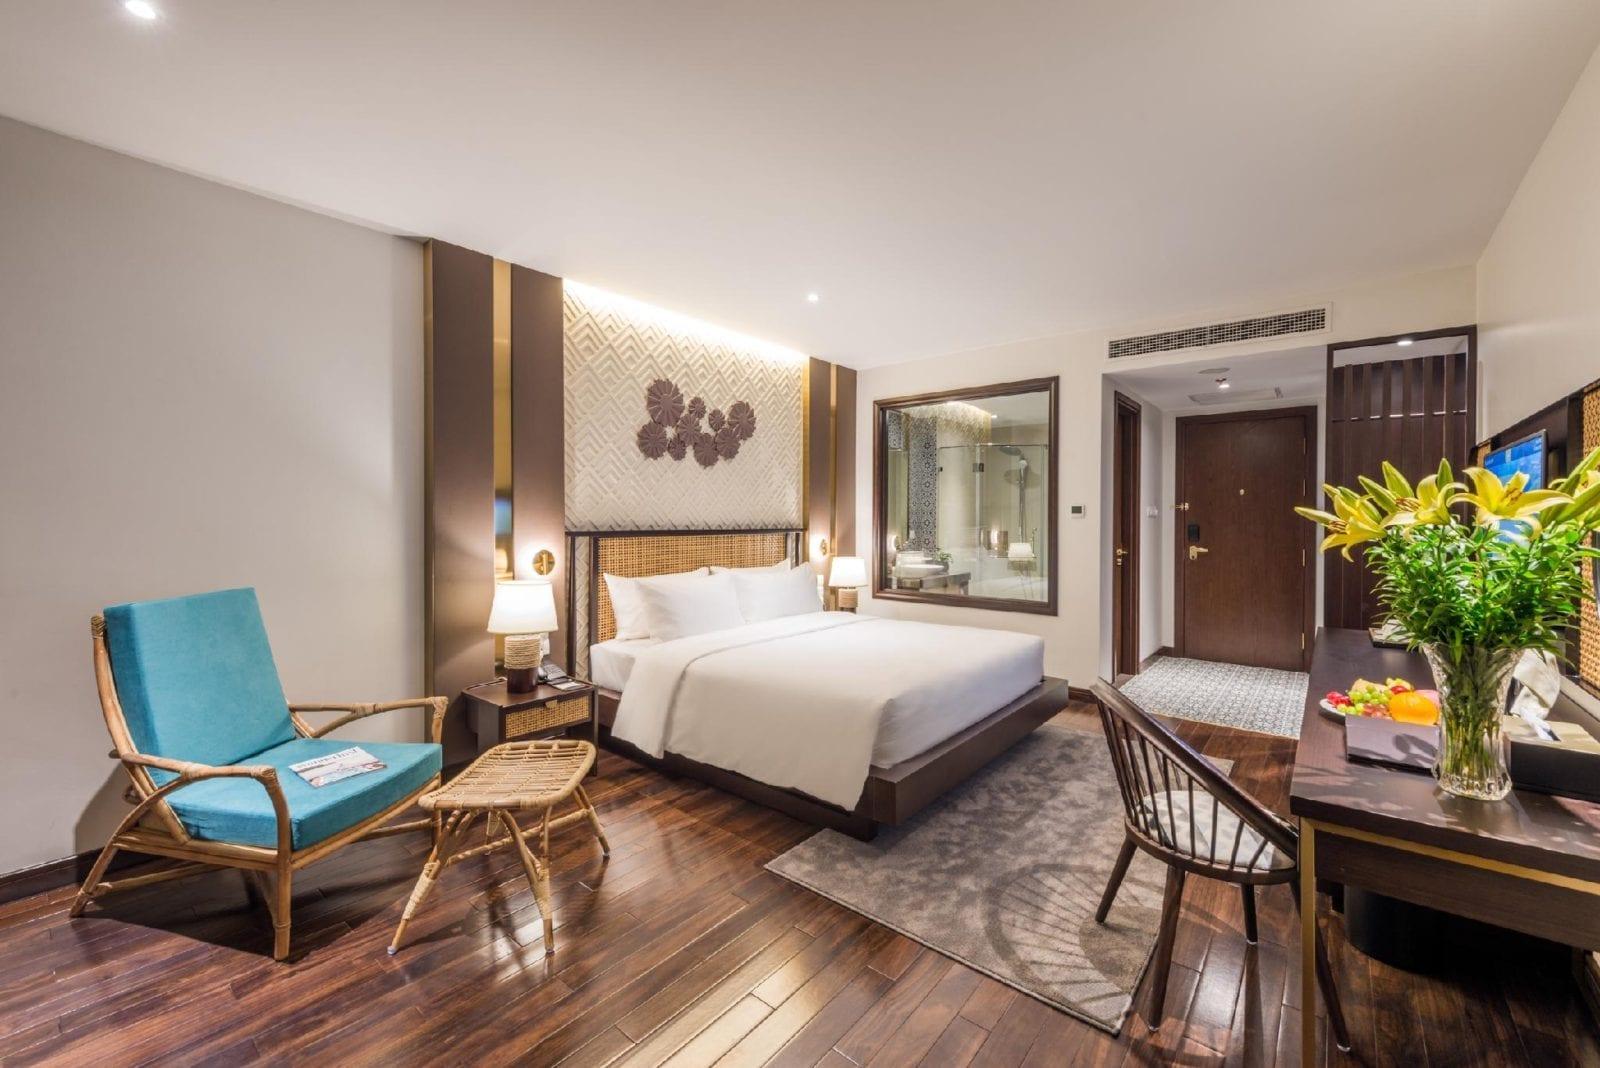 Room at KK Sapa Hotel